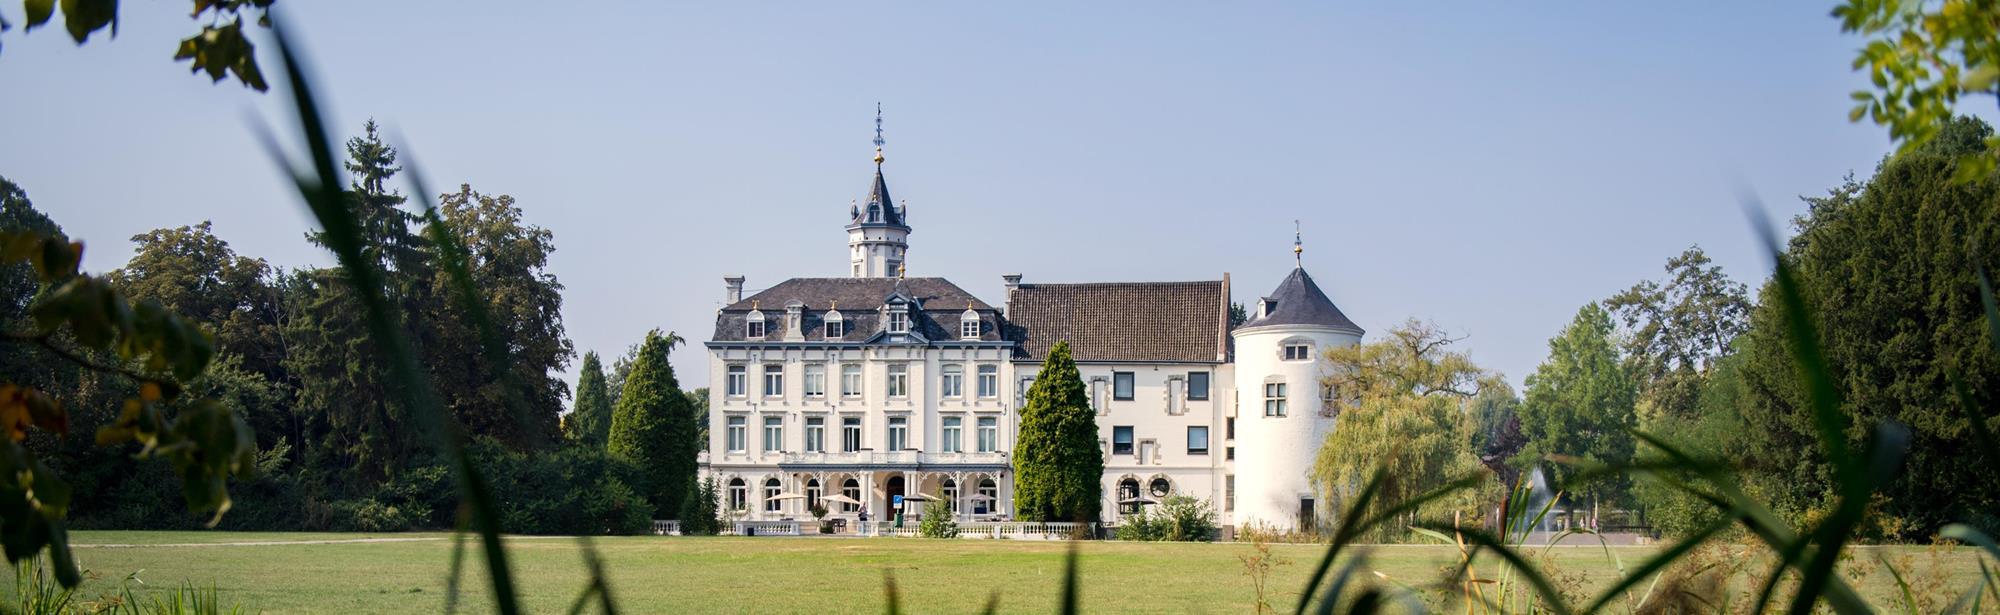 Teaching Hotel Château Bethlehem